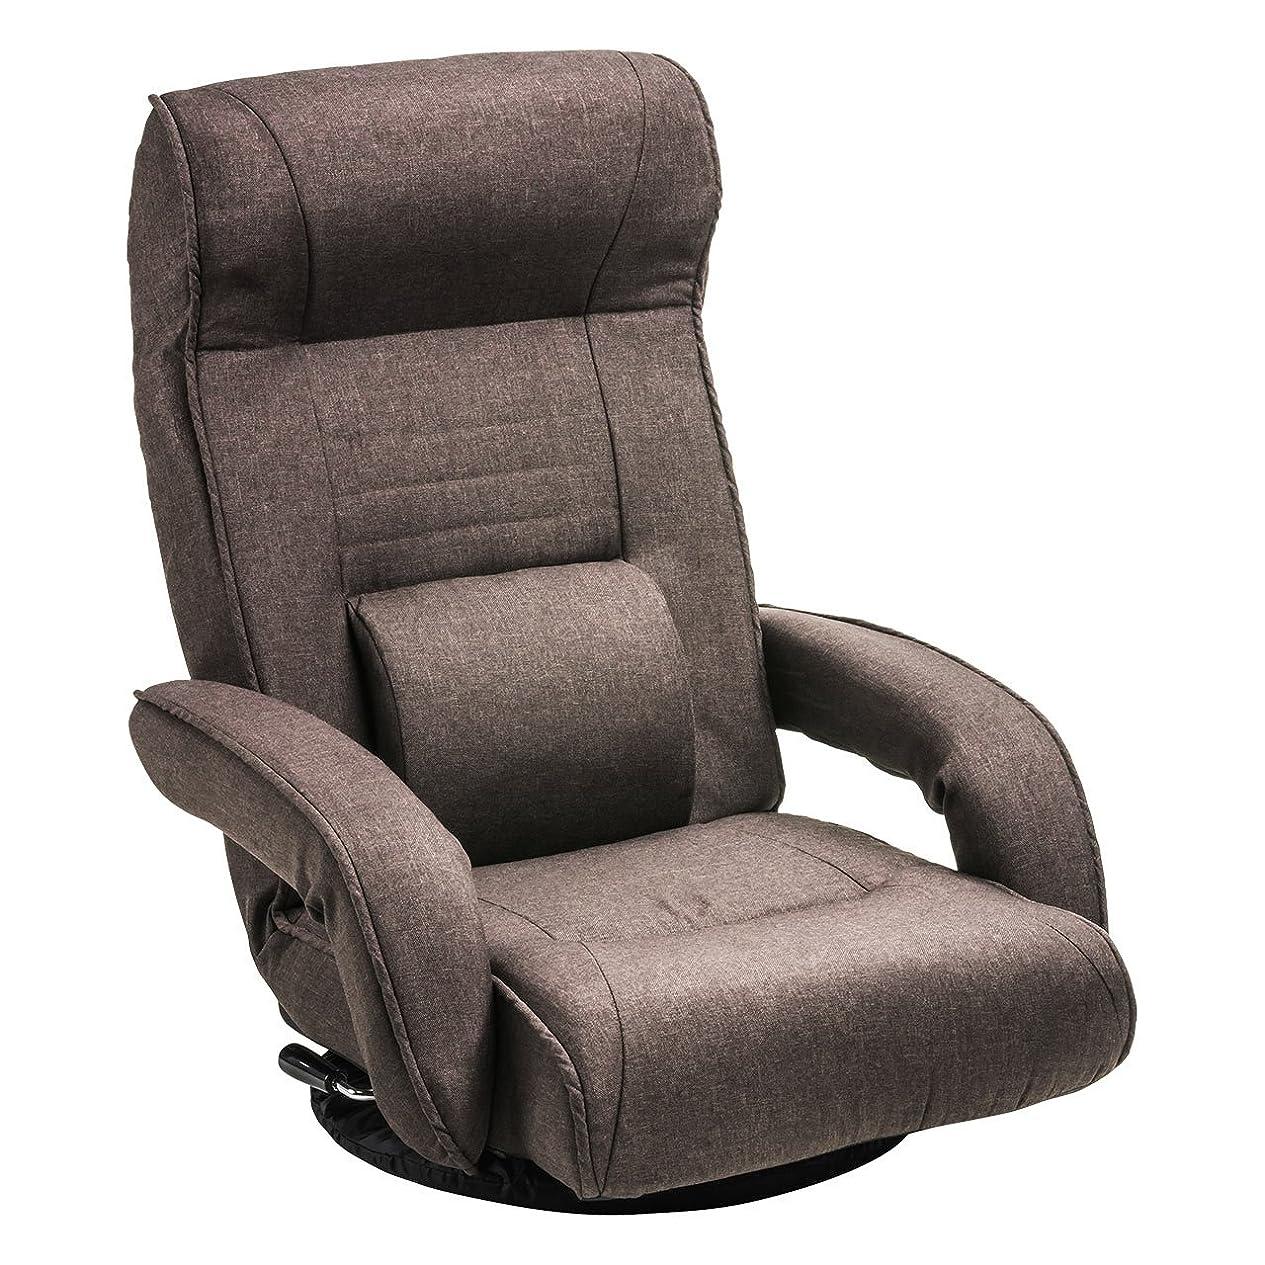 柔和日付質量サンワダイレクト 回転座椅子 レバー式 リクライニング ポケットコイル ひじ掛け付き ハイバック 腰当て付 ブラウン 150-SNCF011BR